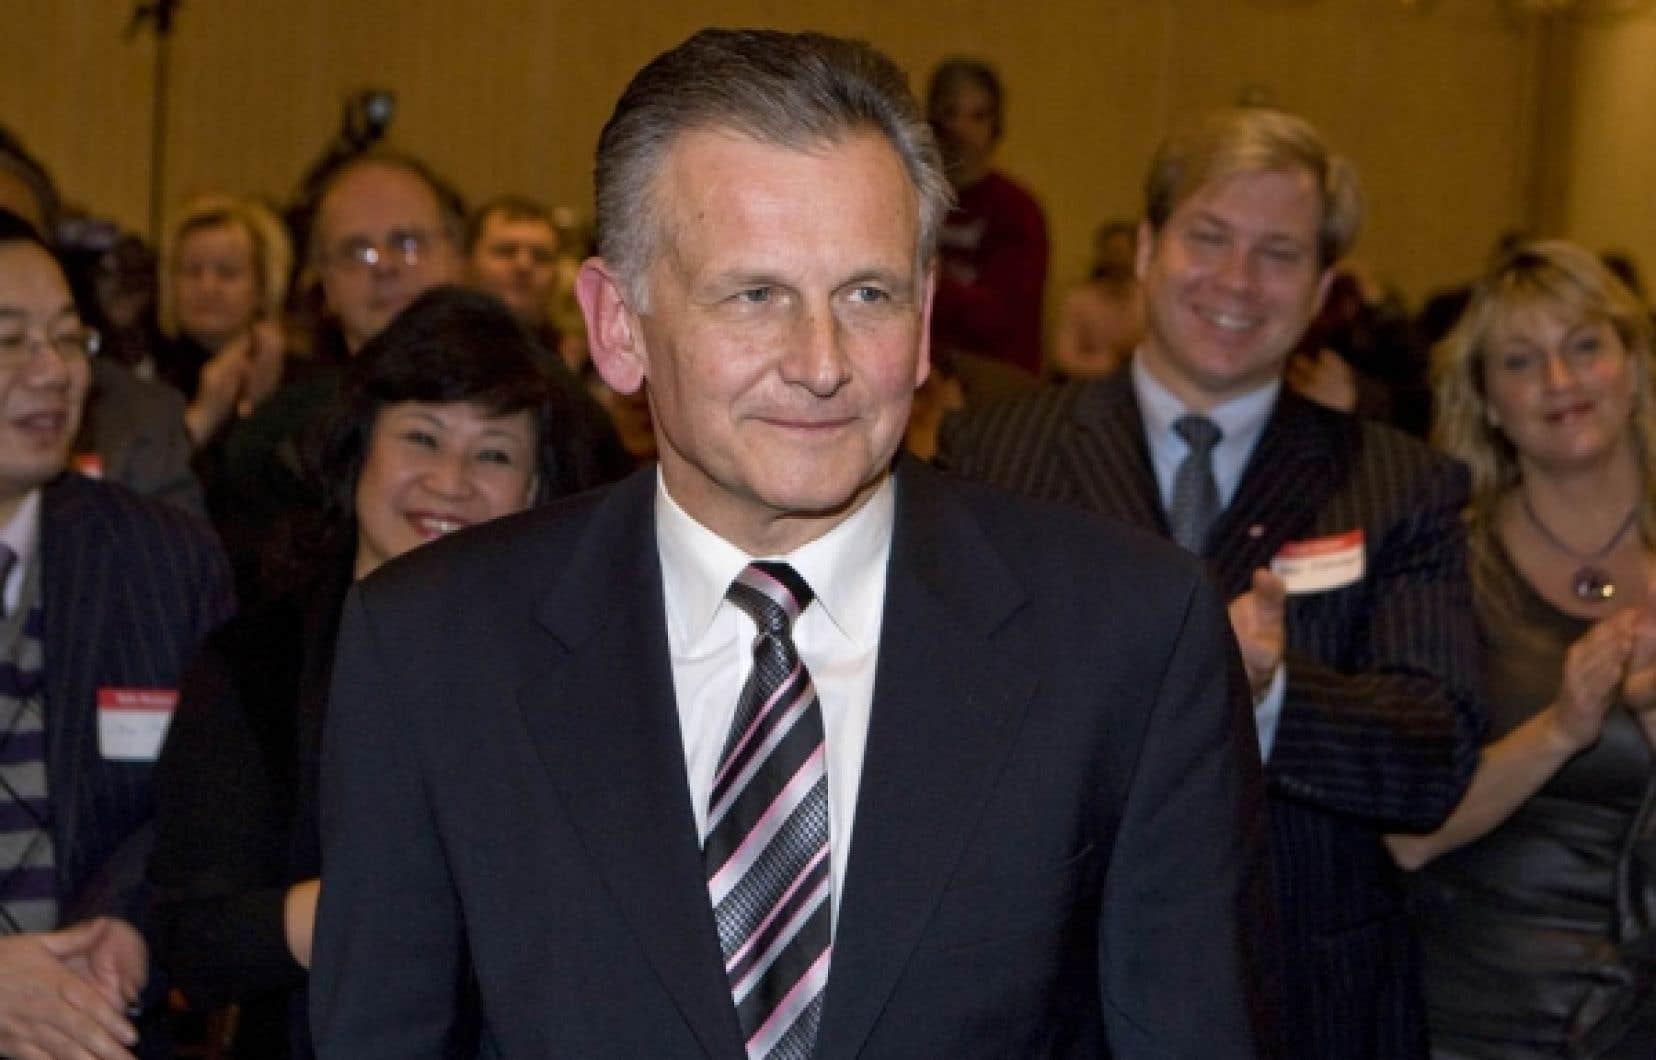 Larry Smith, candidat conservateur dans la circonscription montr&eacute;alaise de Lac-Saint-Louis, dit ne pas se formaliser de la strat&eacute;gie ax&eacute;e sur les r&eacute;gions de son parti.<br />